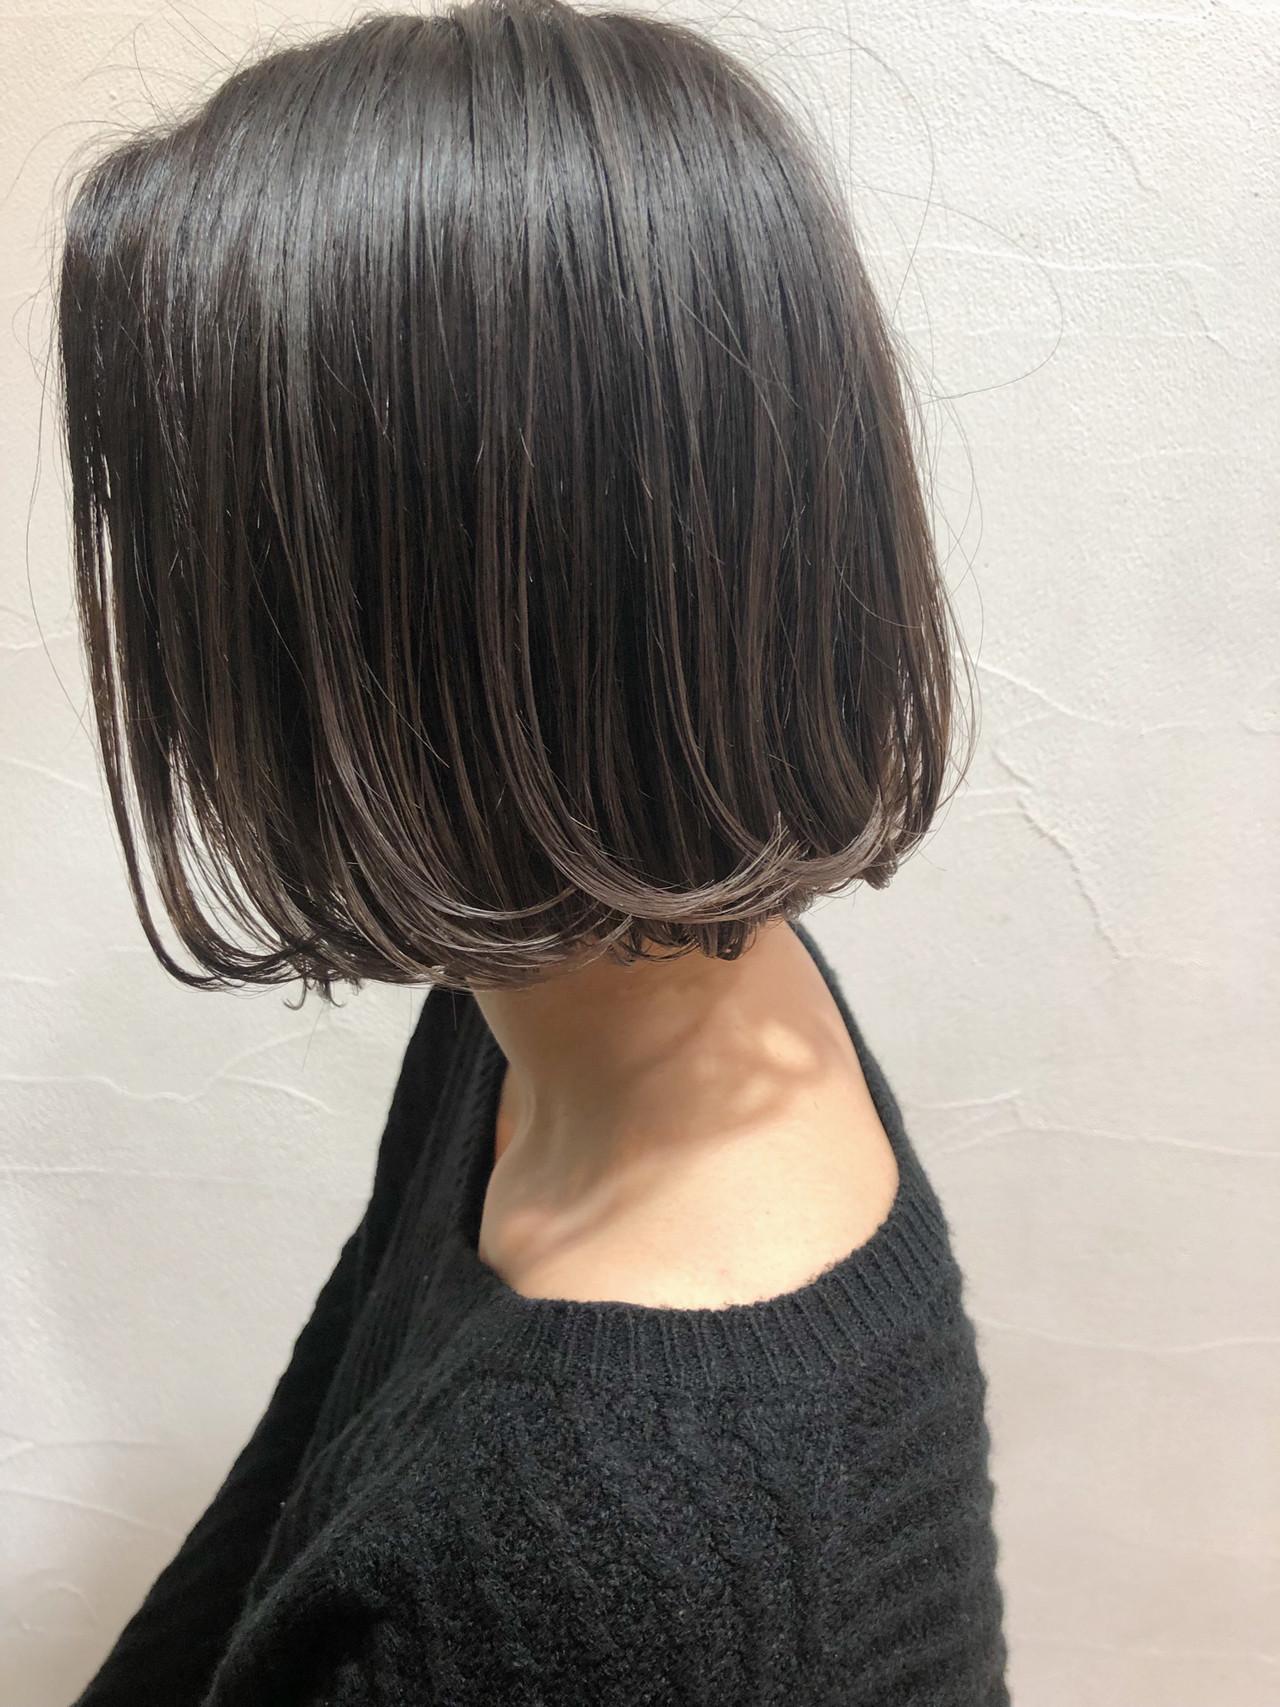 外国人風 ボブ 透明感 グラデーションカラー ヘアスタイルや髪型の写真・画像